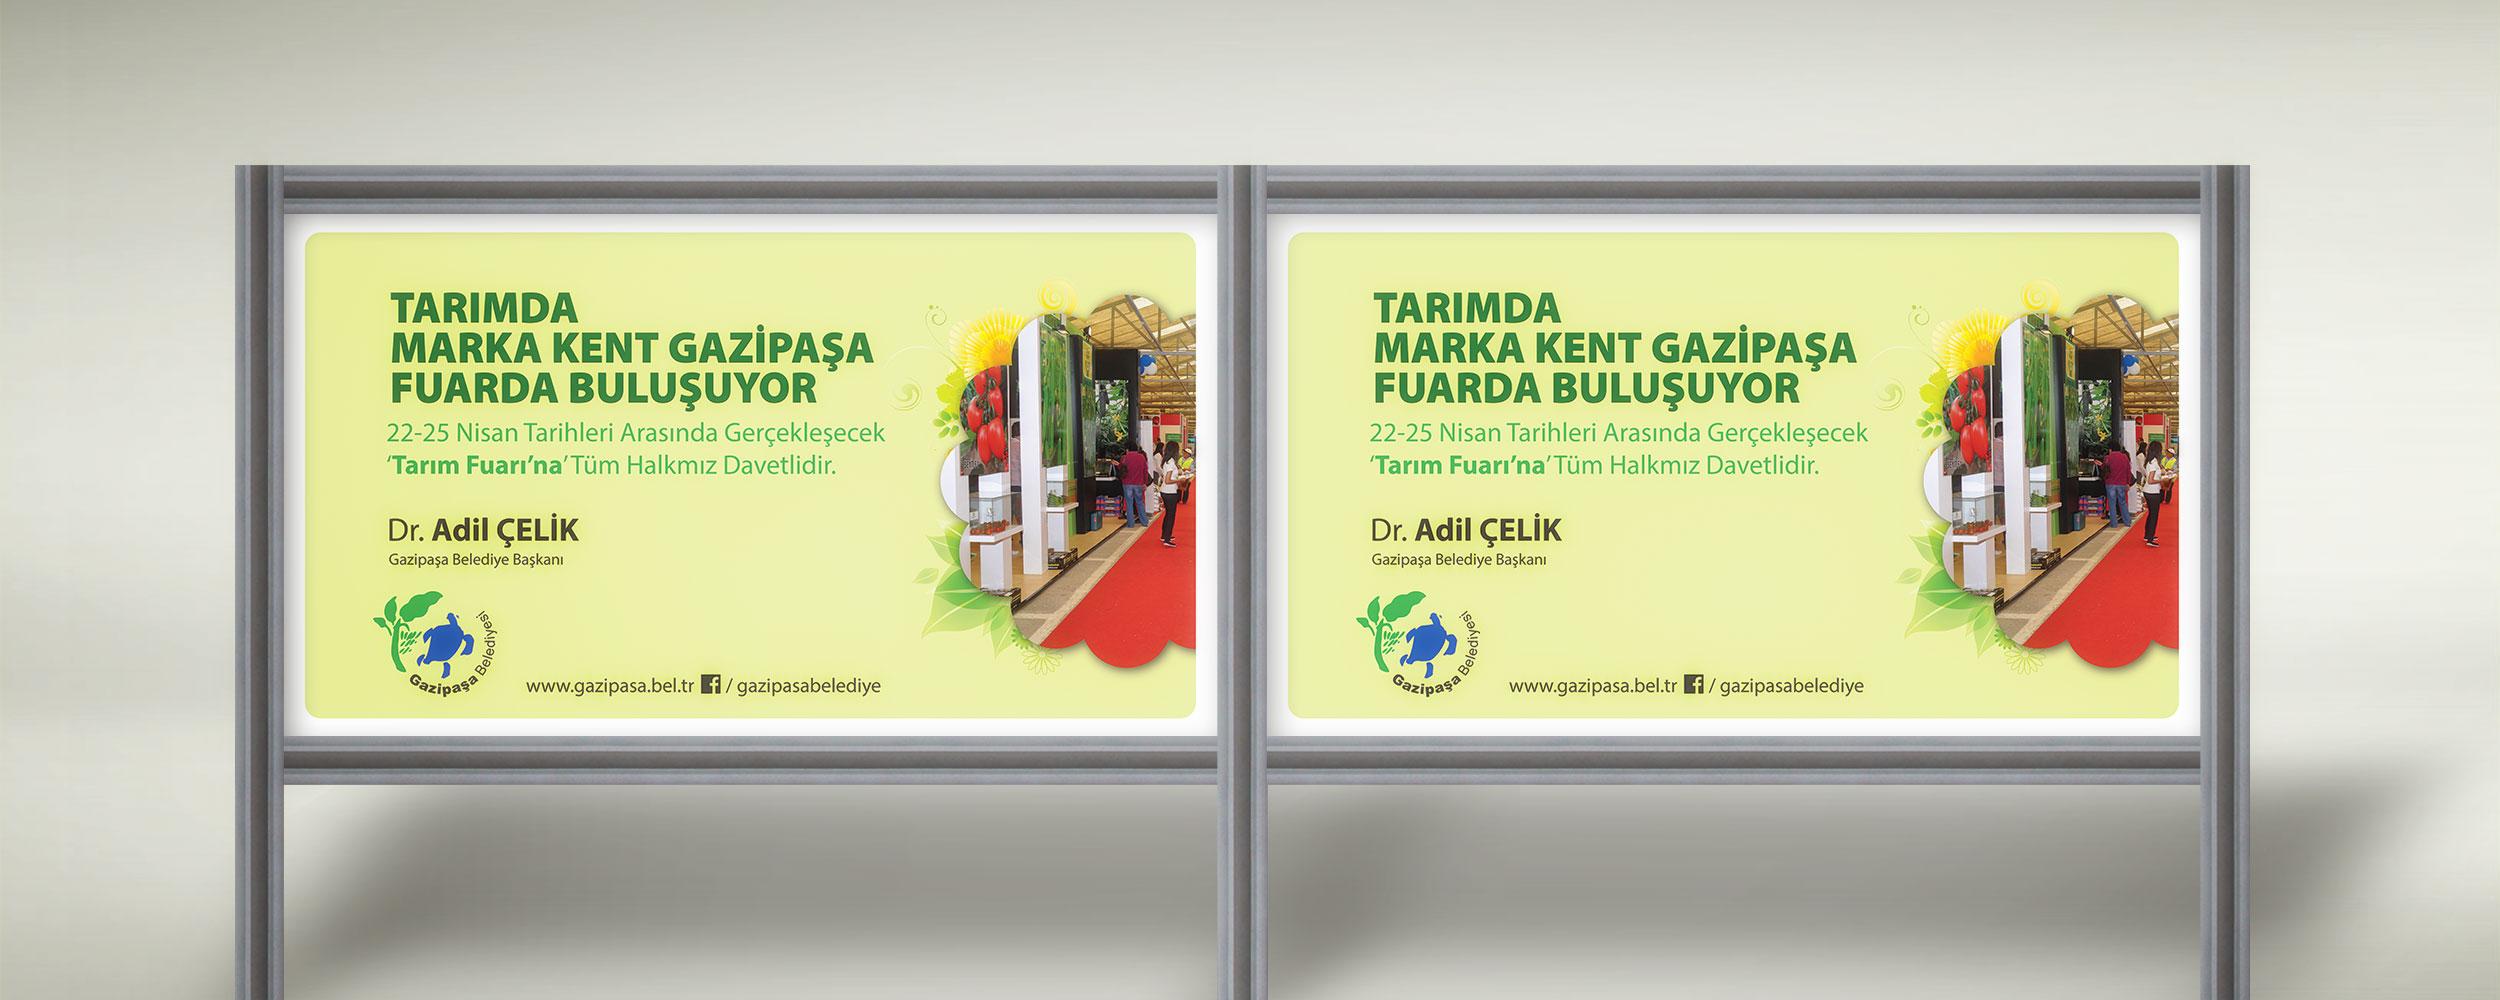 Tarım Fuarına Davet Mesajı Afişi - Gazipaşa Belediyesi Dr. Adil Çelik